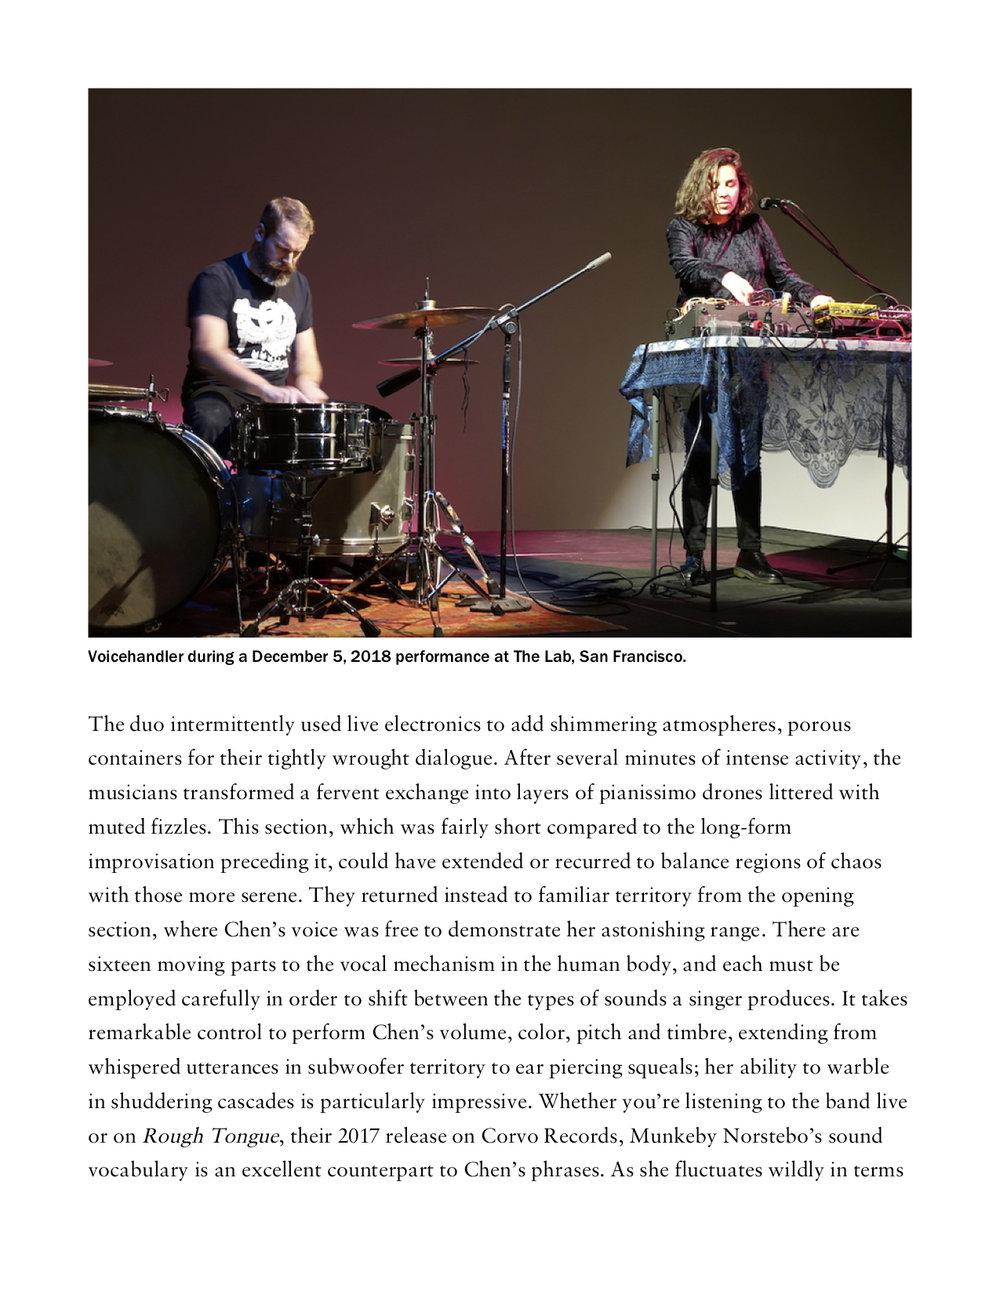 Free Your Voice - Artforum International 3.jpg